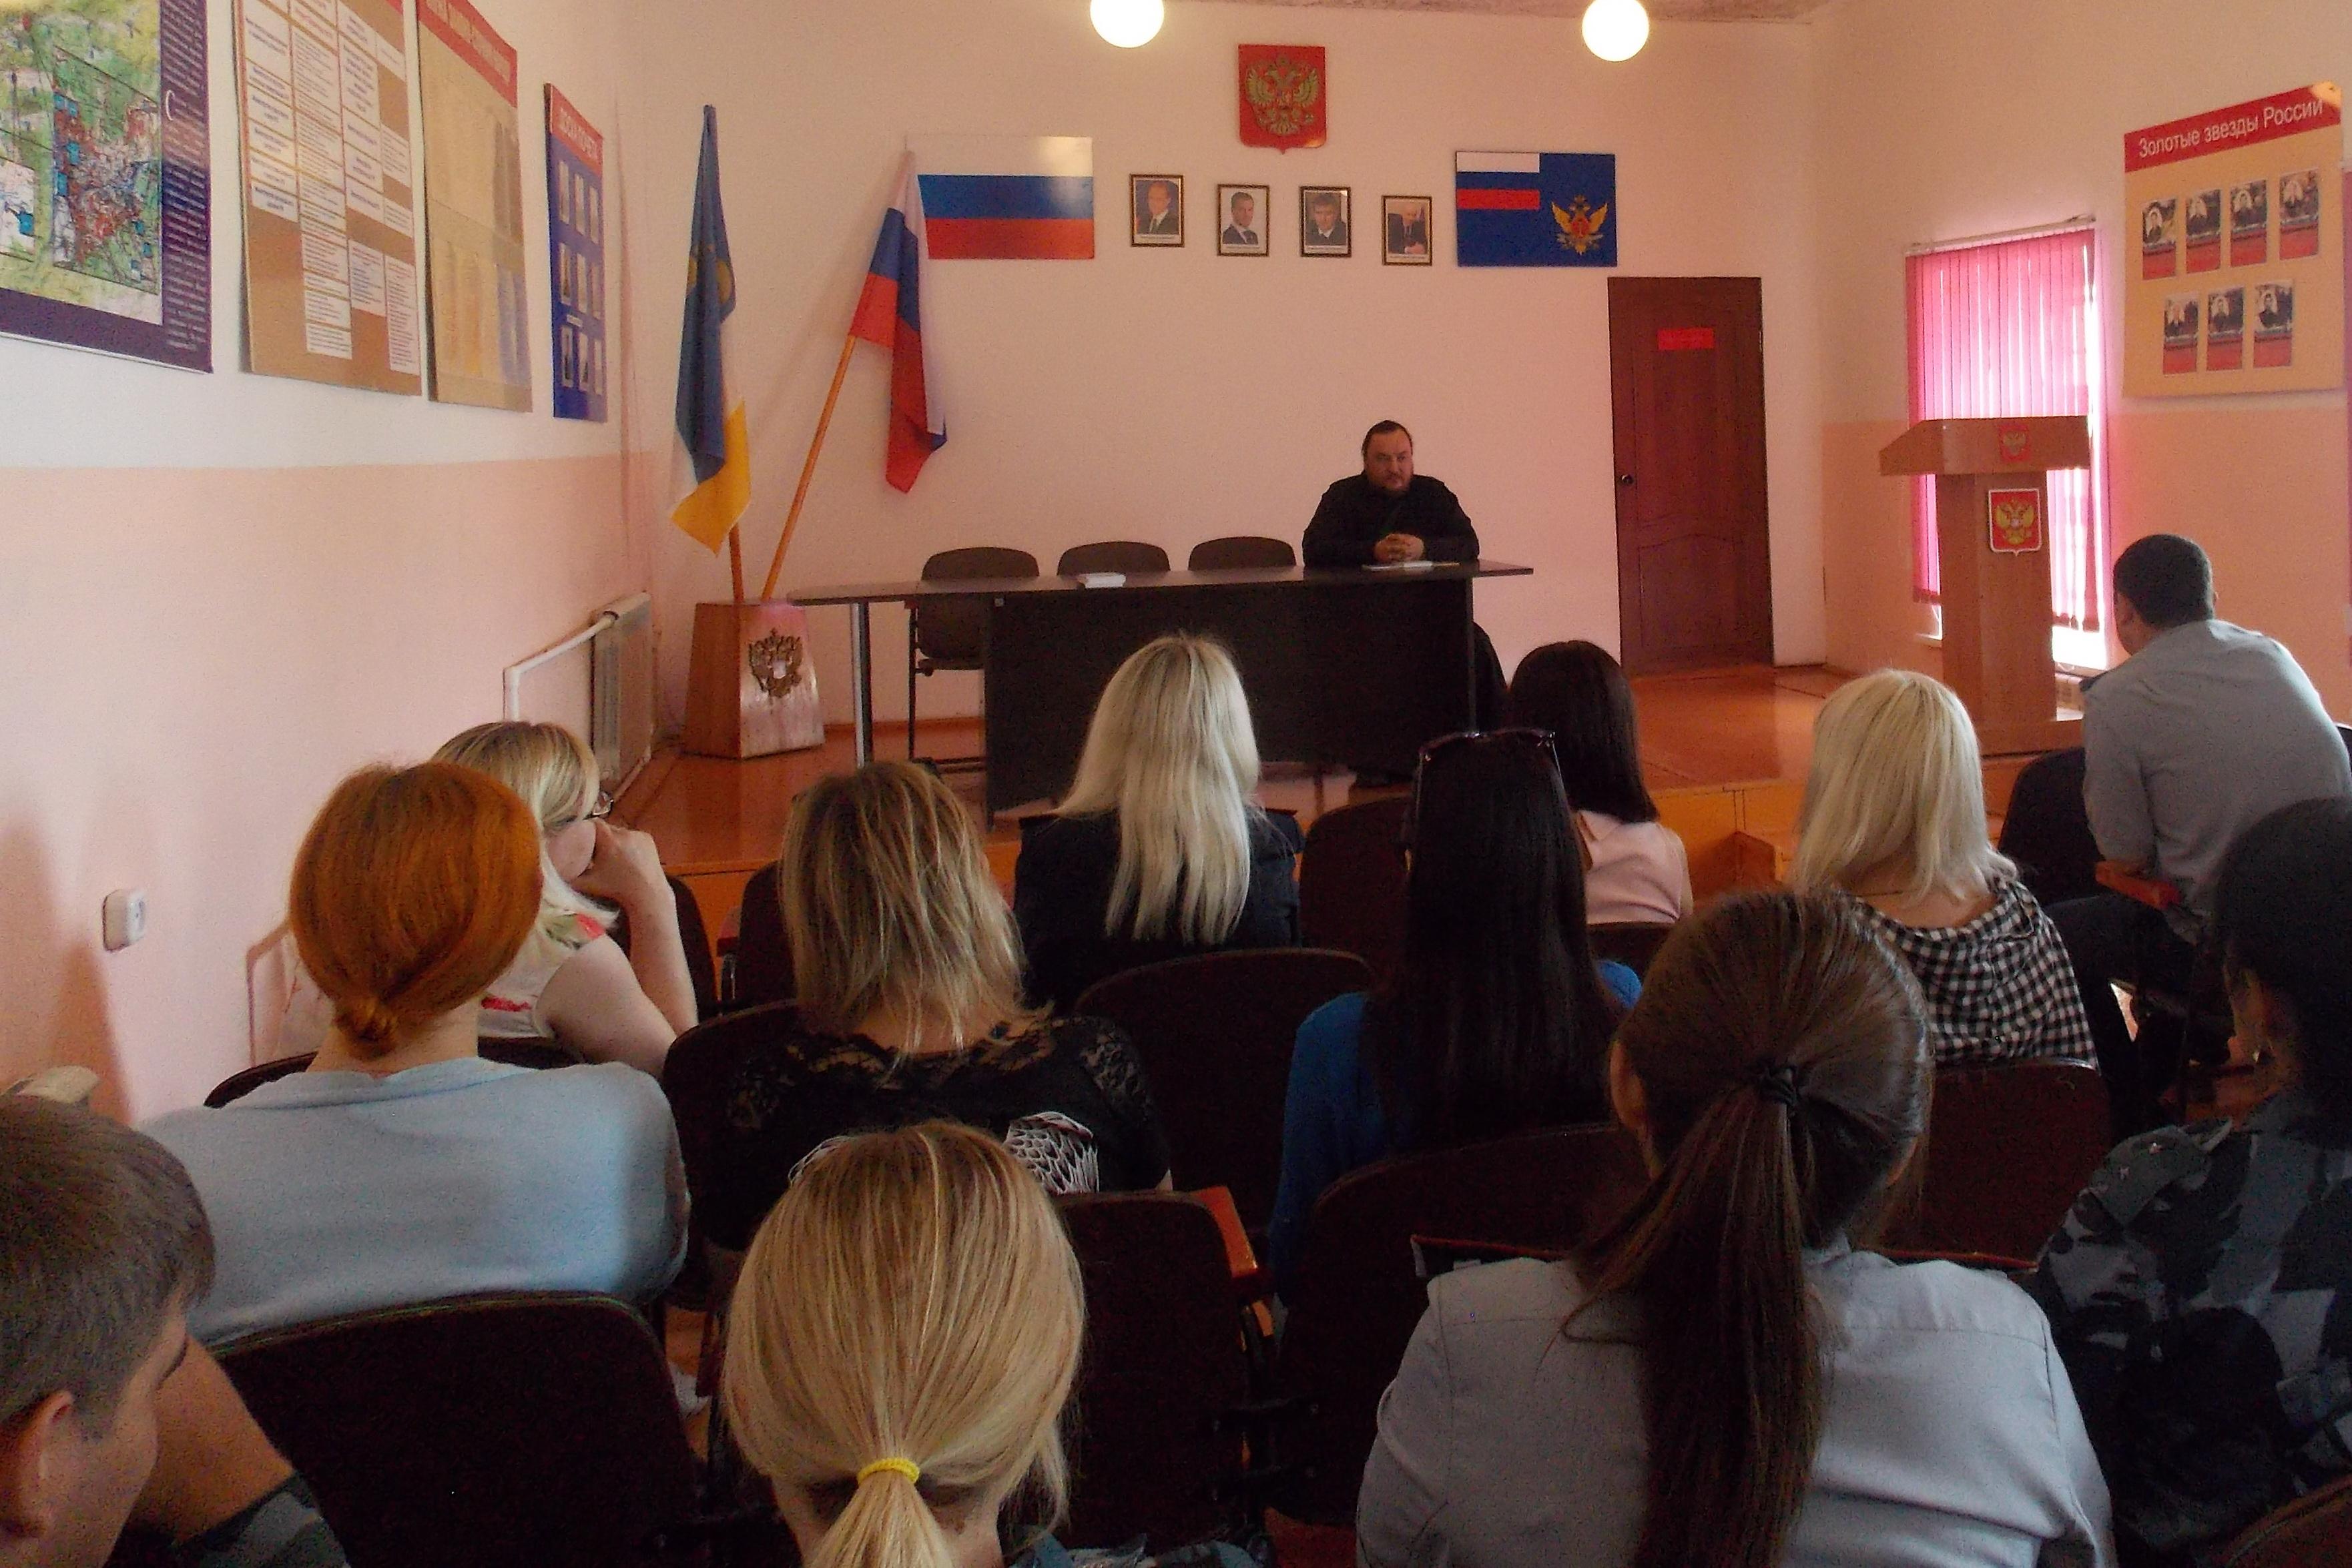 В Колонии-поселении № 3 прошла встреча сотрудников учреждения с председателем Общественного совета при УФСИН и священнослужителем